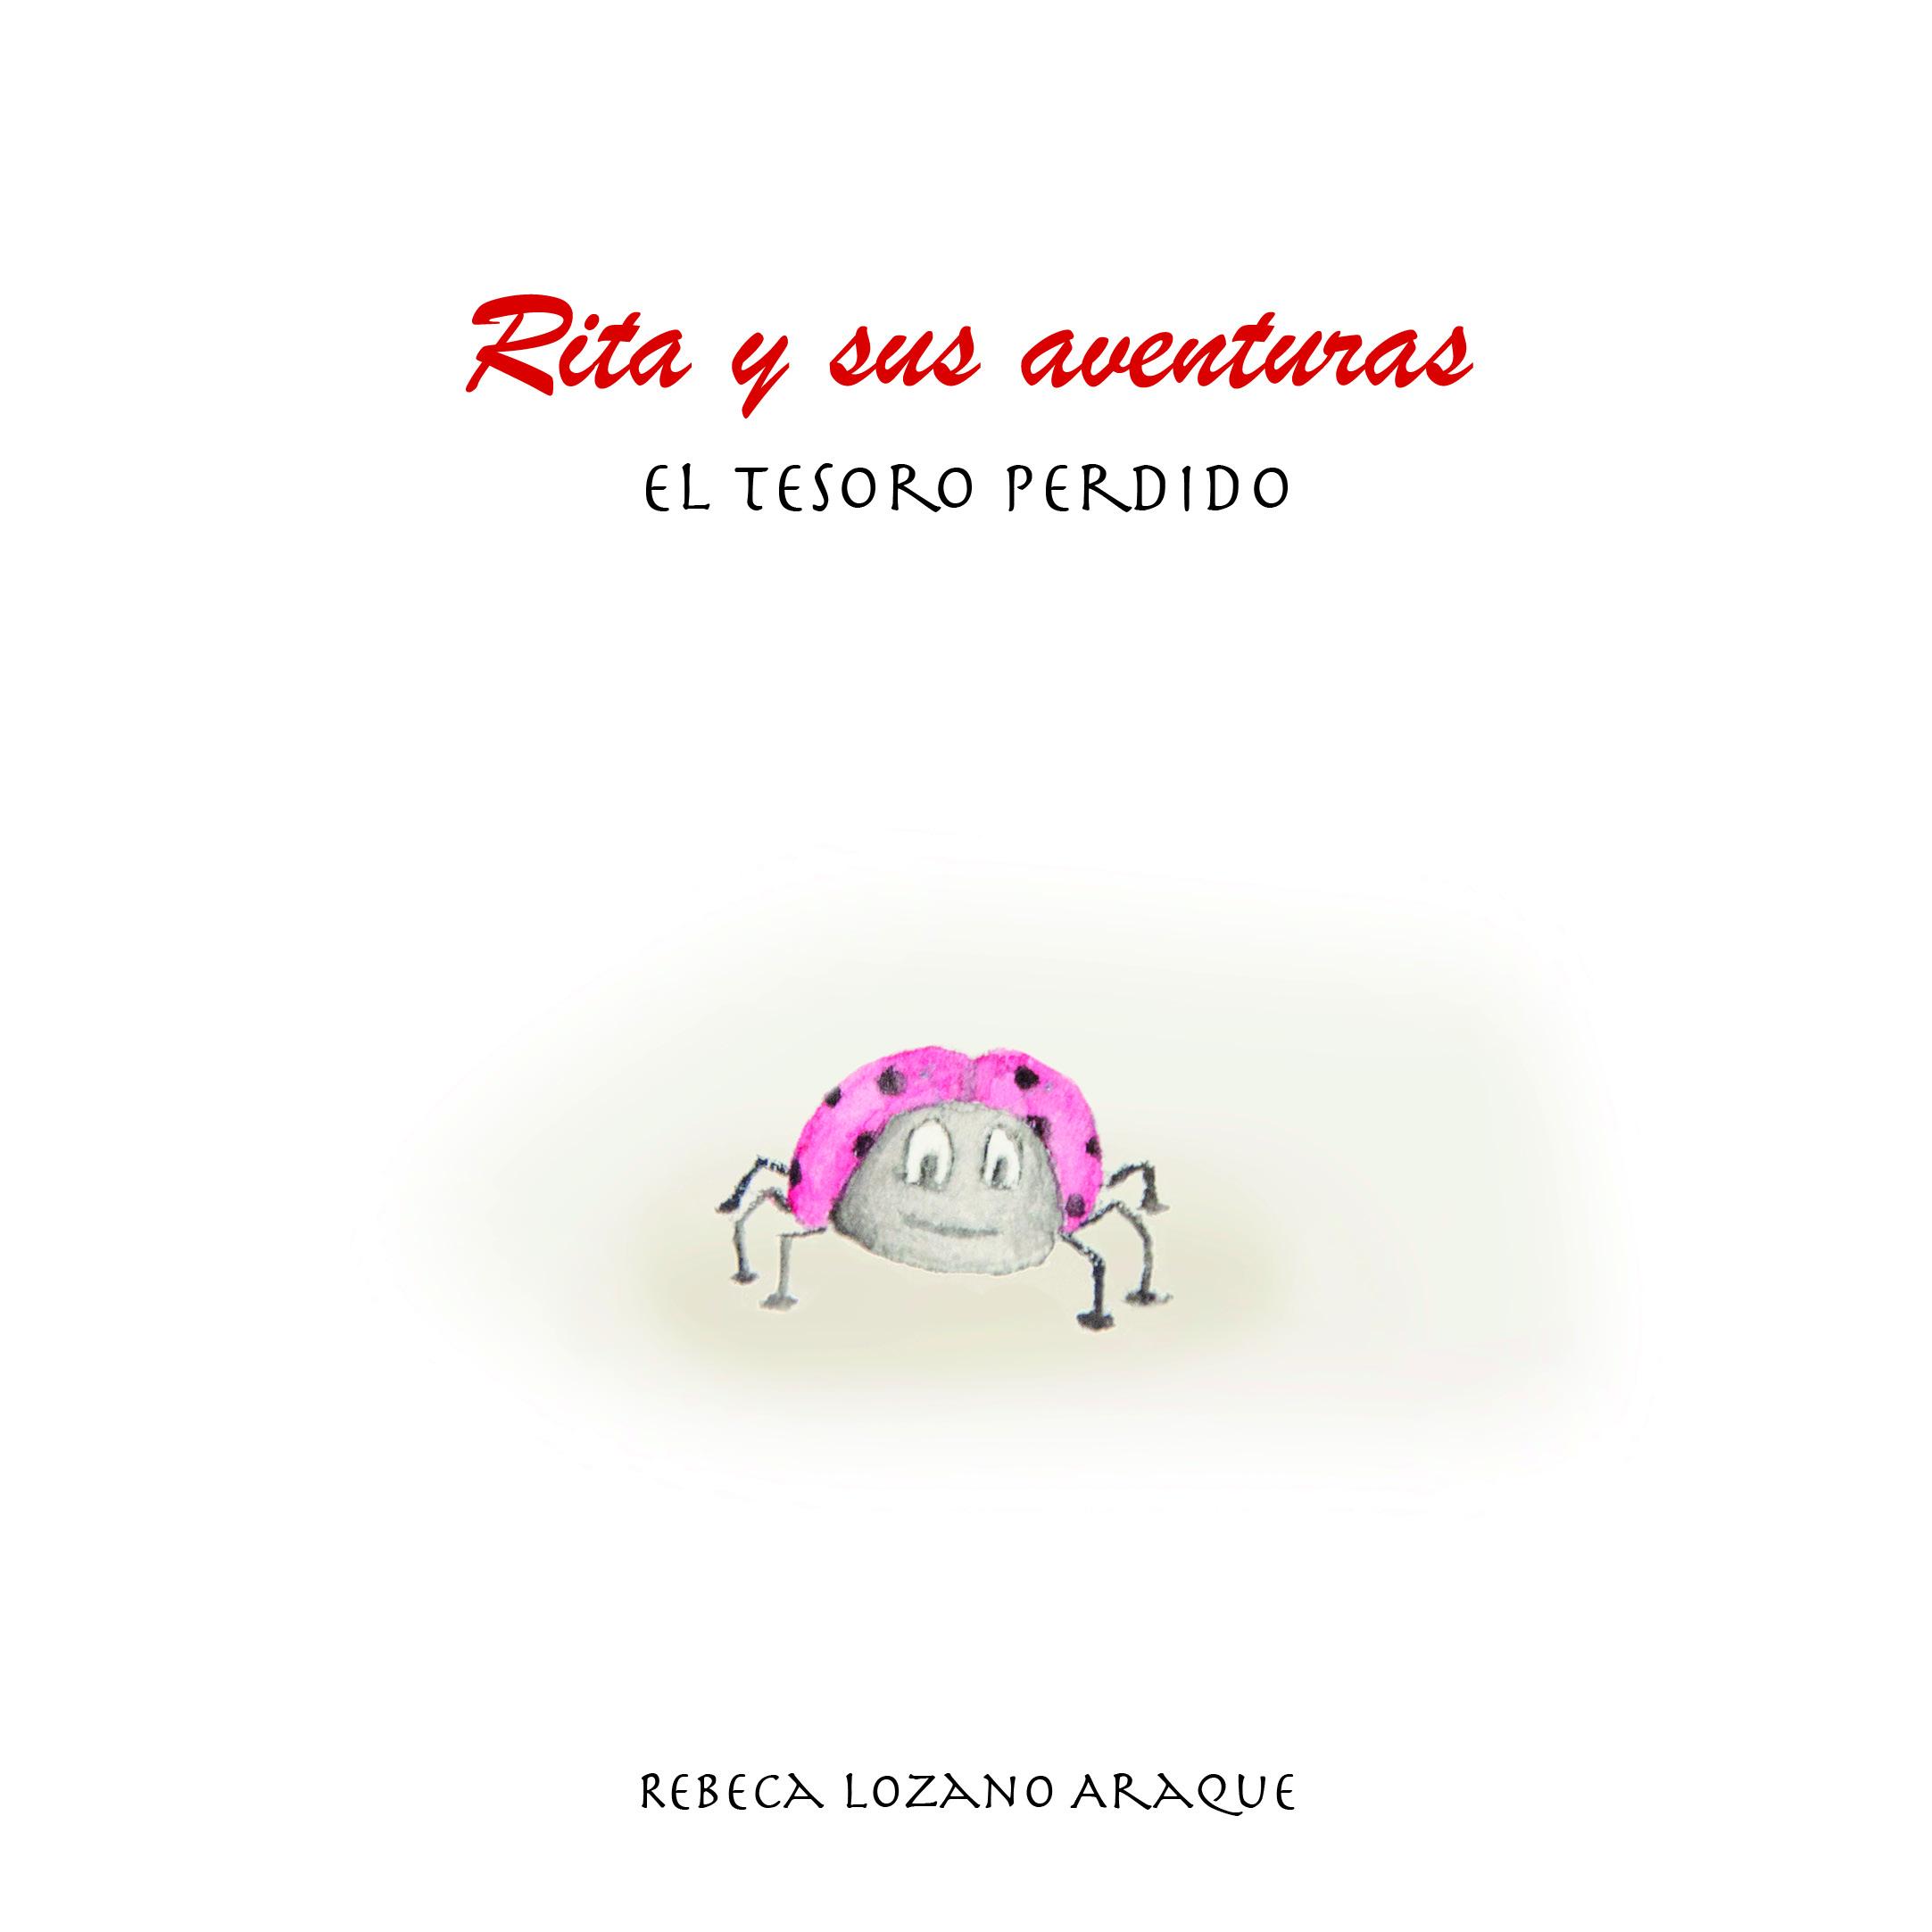 Rita y sus aventuras